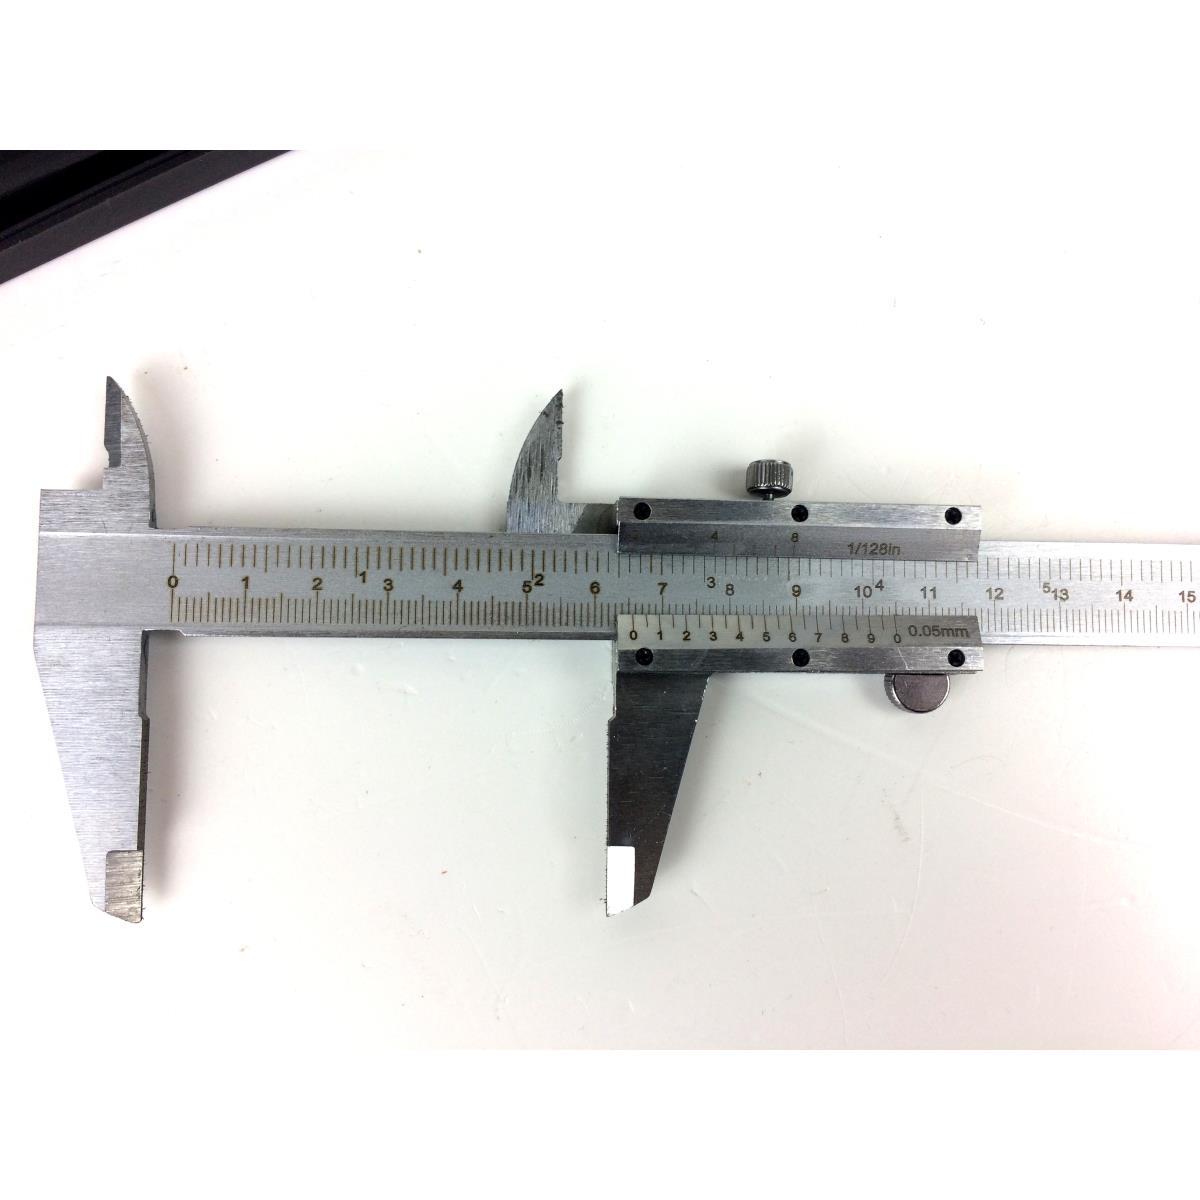 analoger Präzisions Messschieber 150 mm Schieblehre Schublehre mit Etui ,Vagner,000051115096, 6942713102449